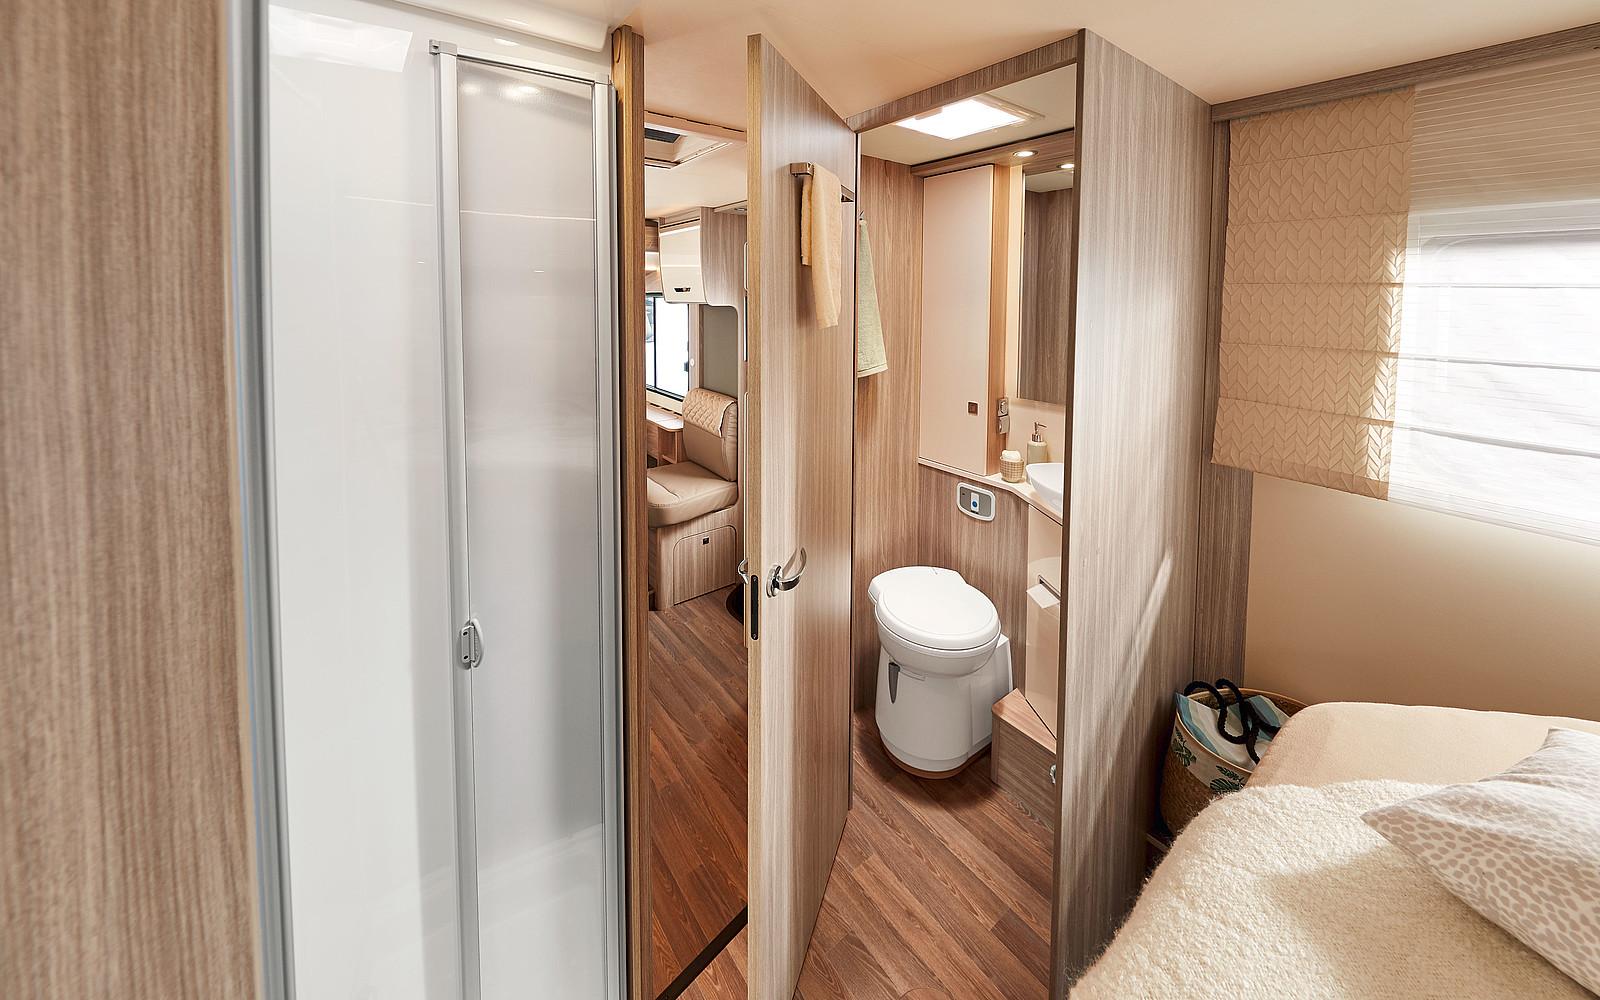 kúpeľňa s oddeleným sprchovým kútom